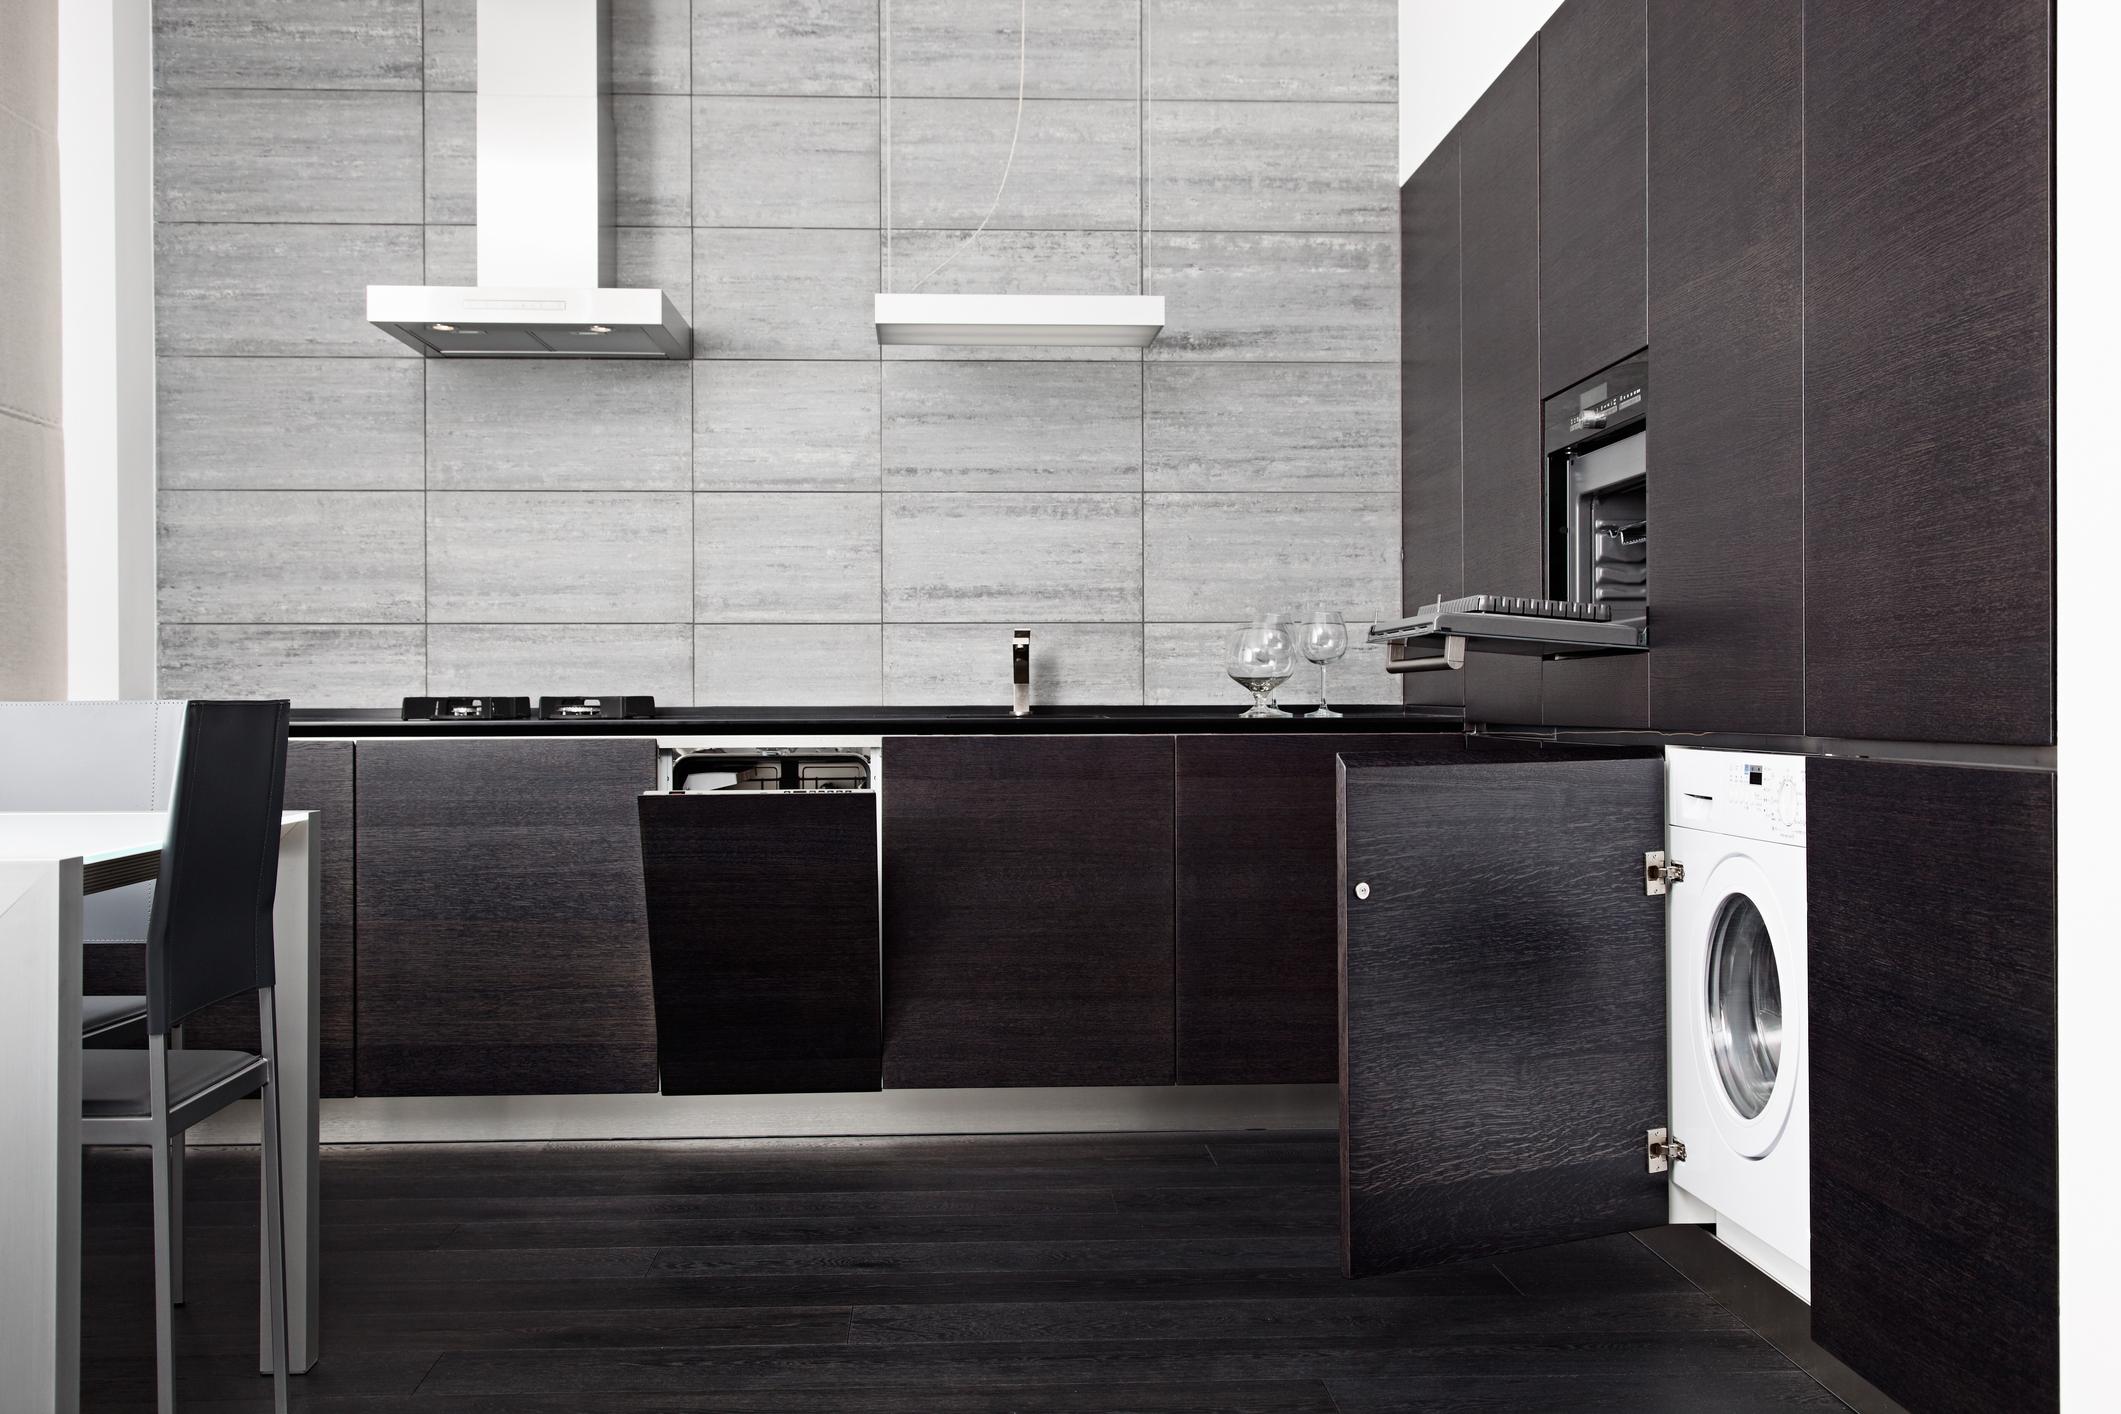 Lo spazio in casa per la lavatrice - Casa.it